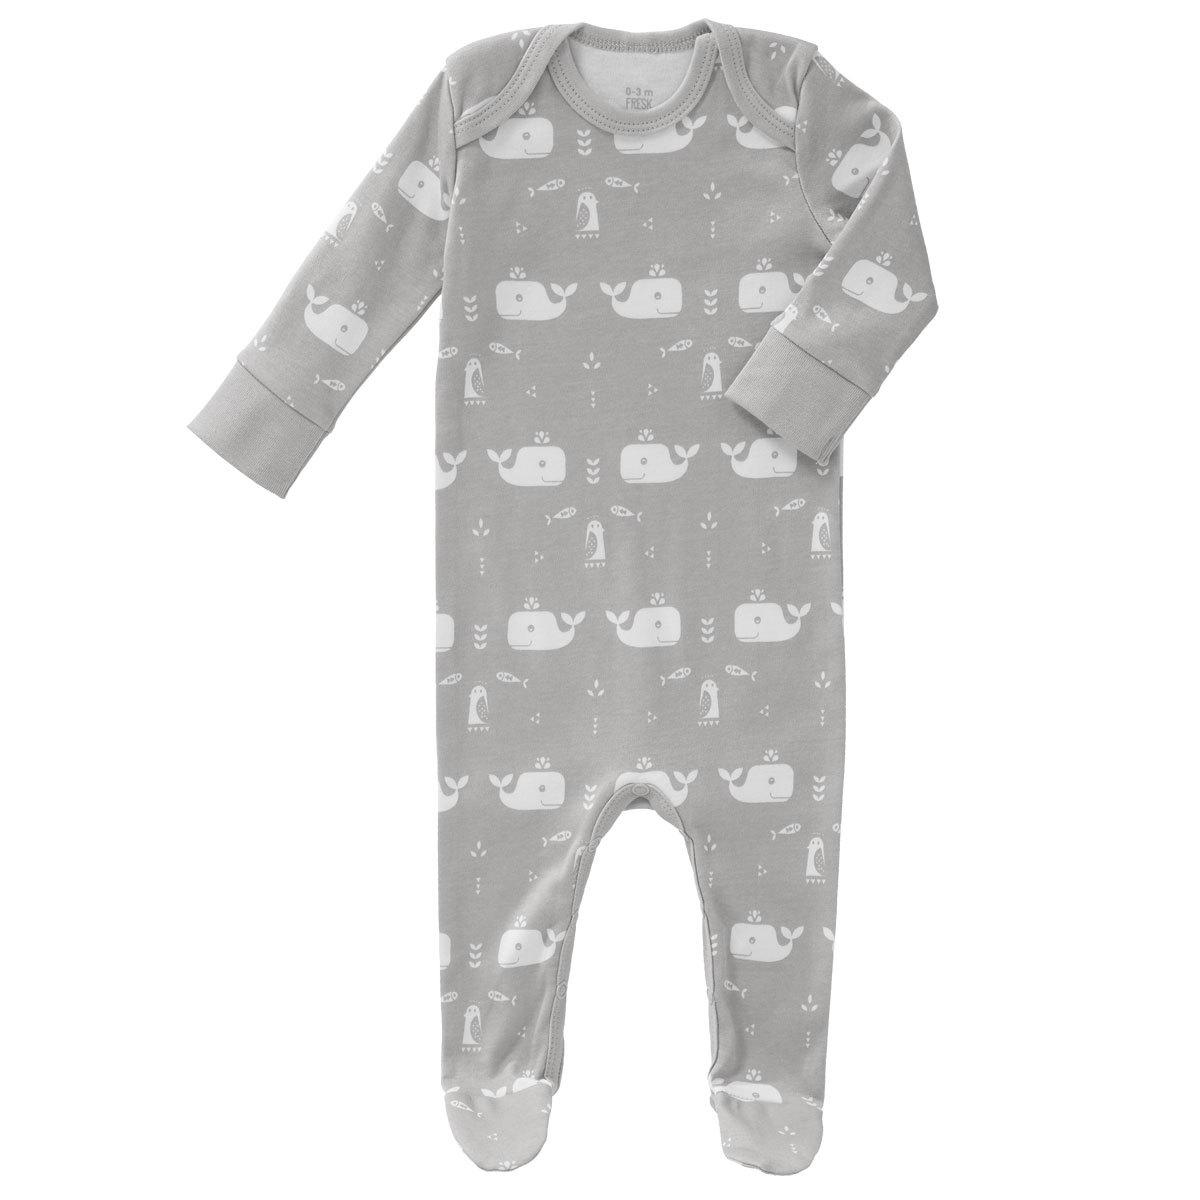 Body & Pyjama Pyjama avec Pied Baleine - Dawn Grey - 6 / 12 mois Pyjama avec Pied Baleine - Dawn Grey - 6 / 12 mois